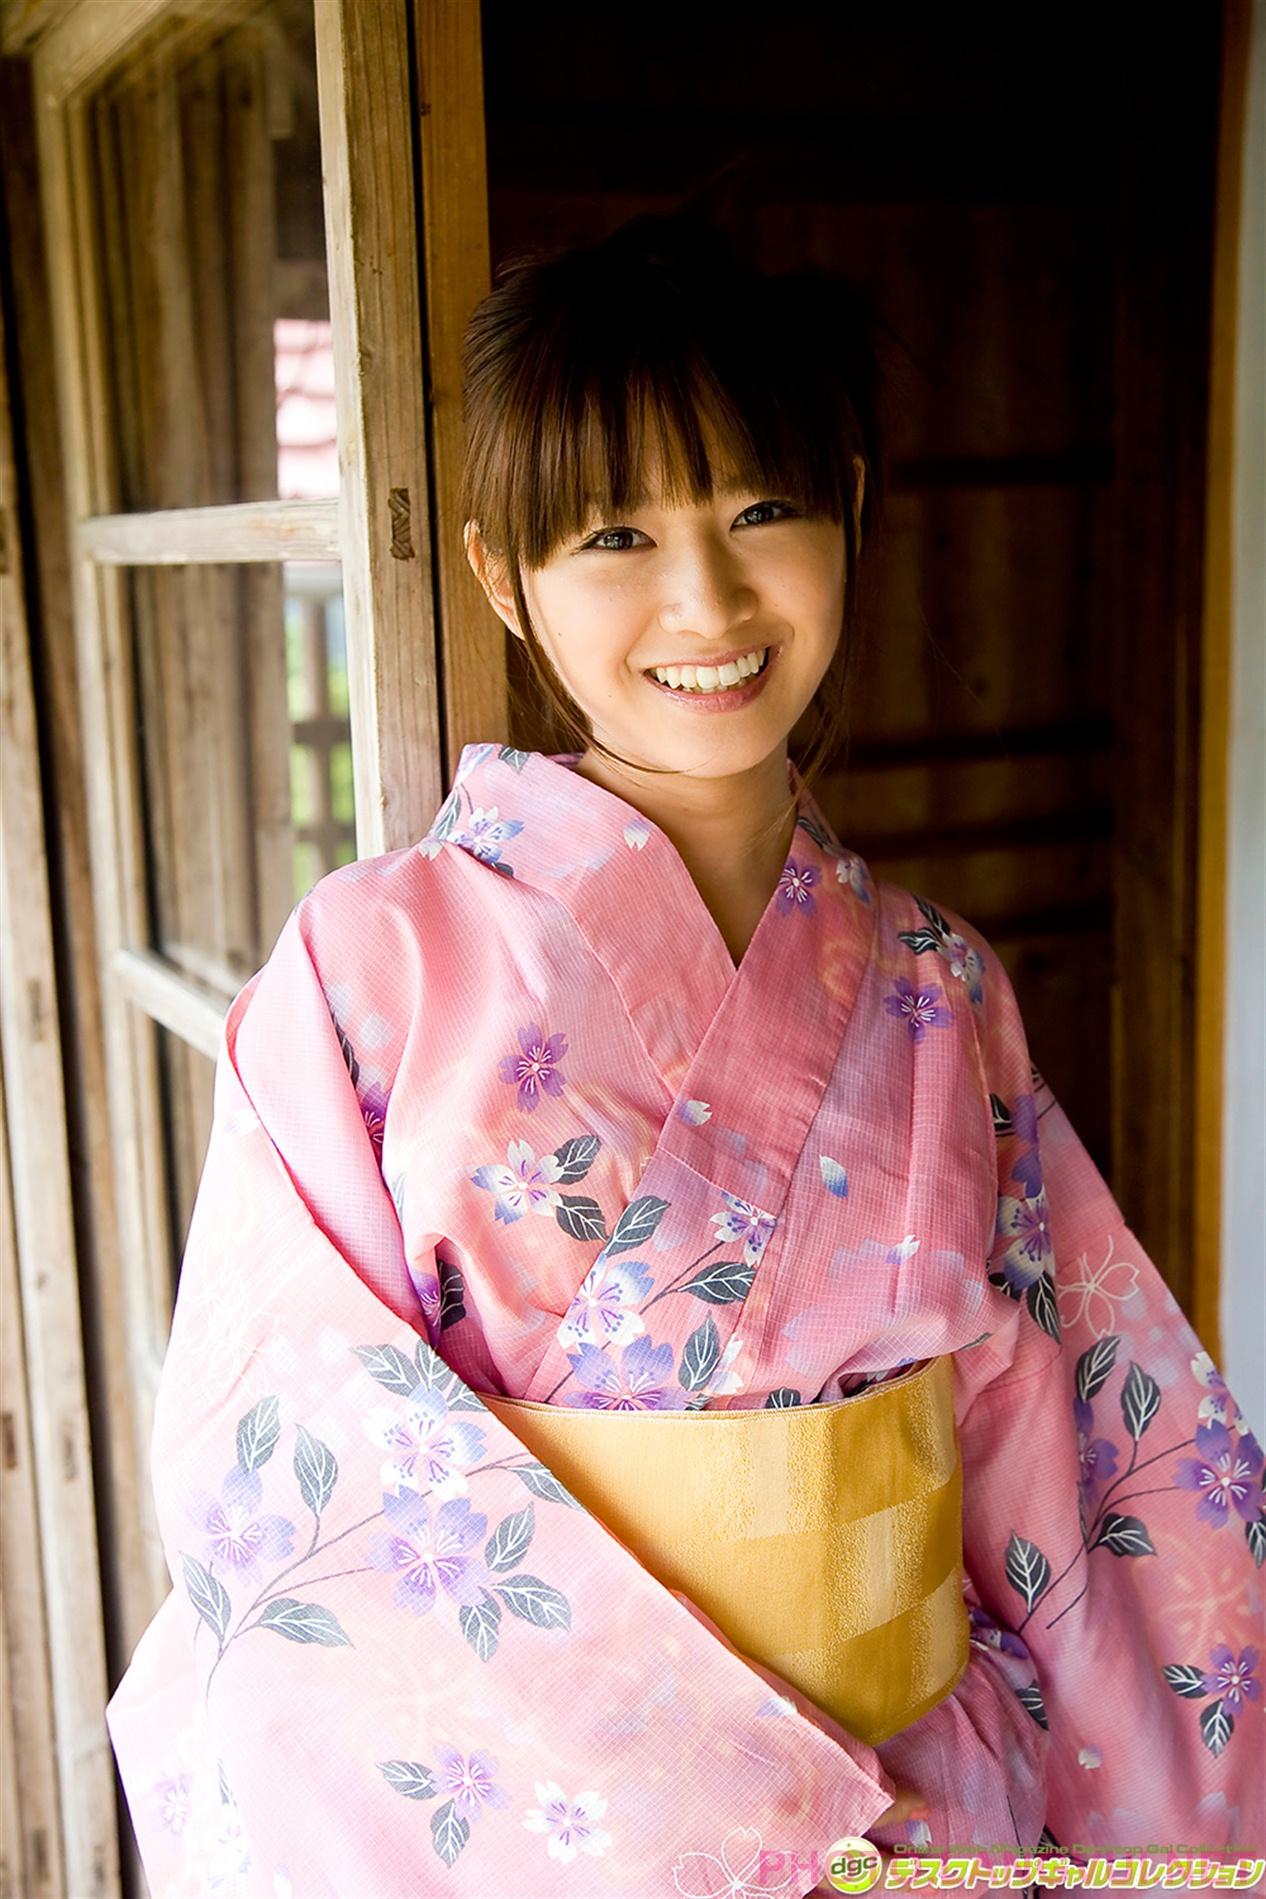 DGC No 1285 Natsumi Kamata